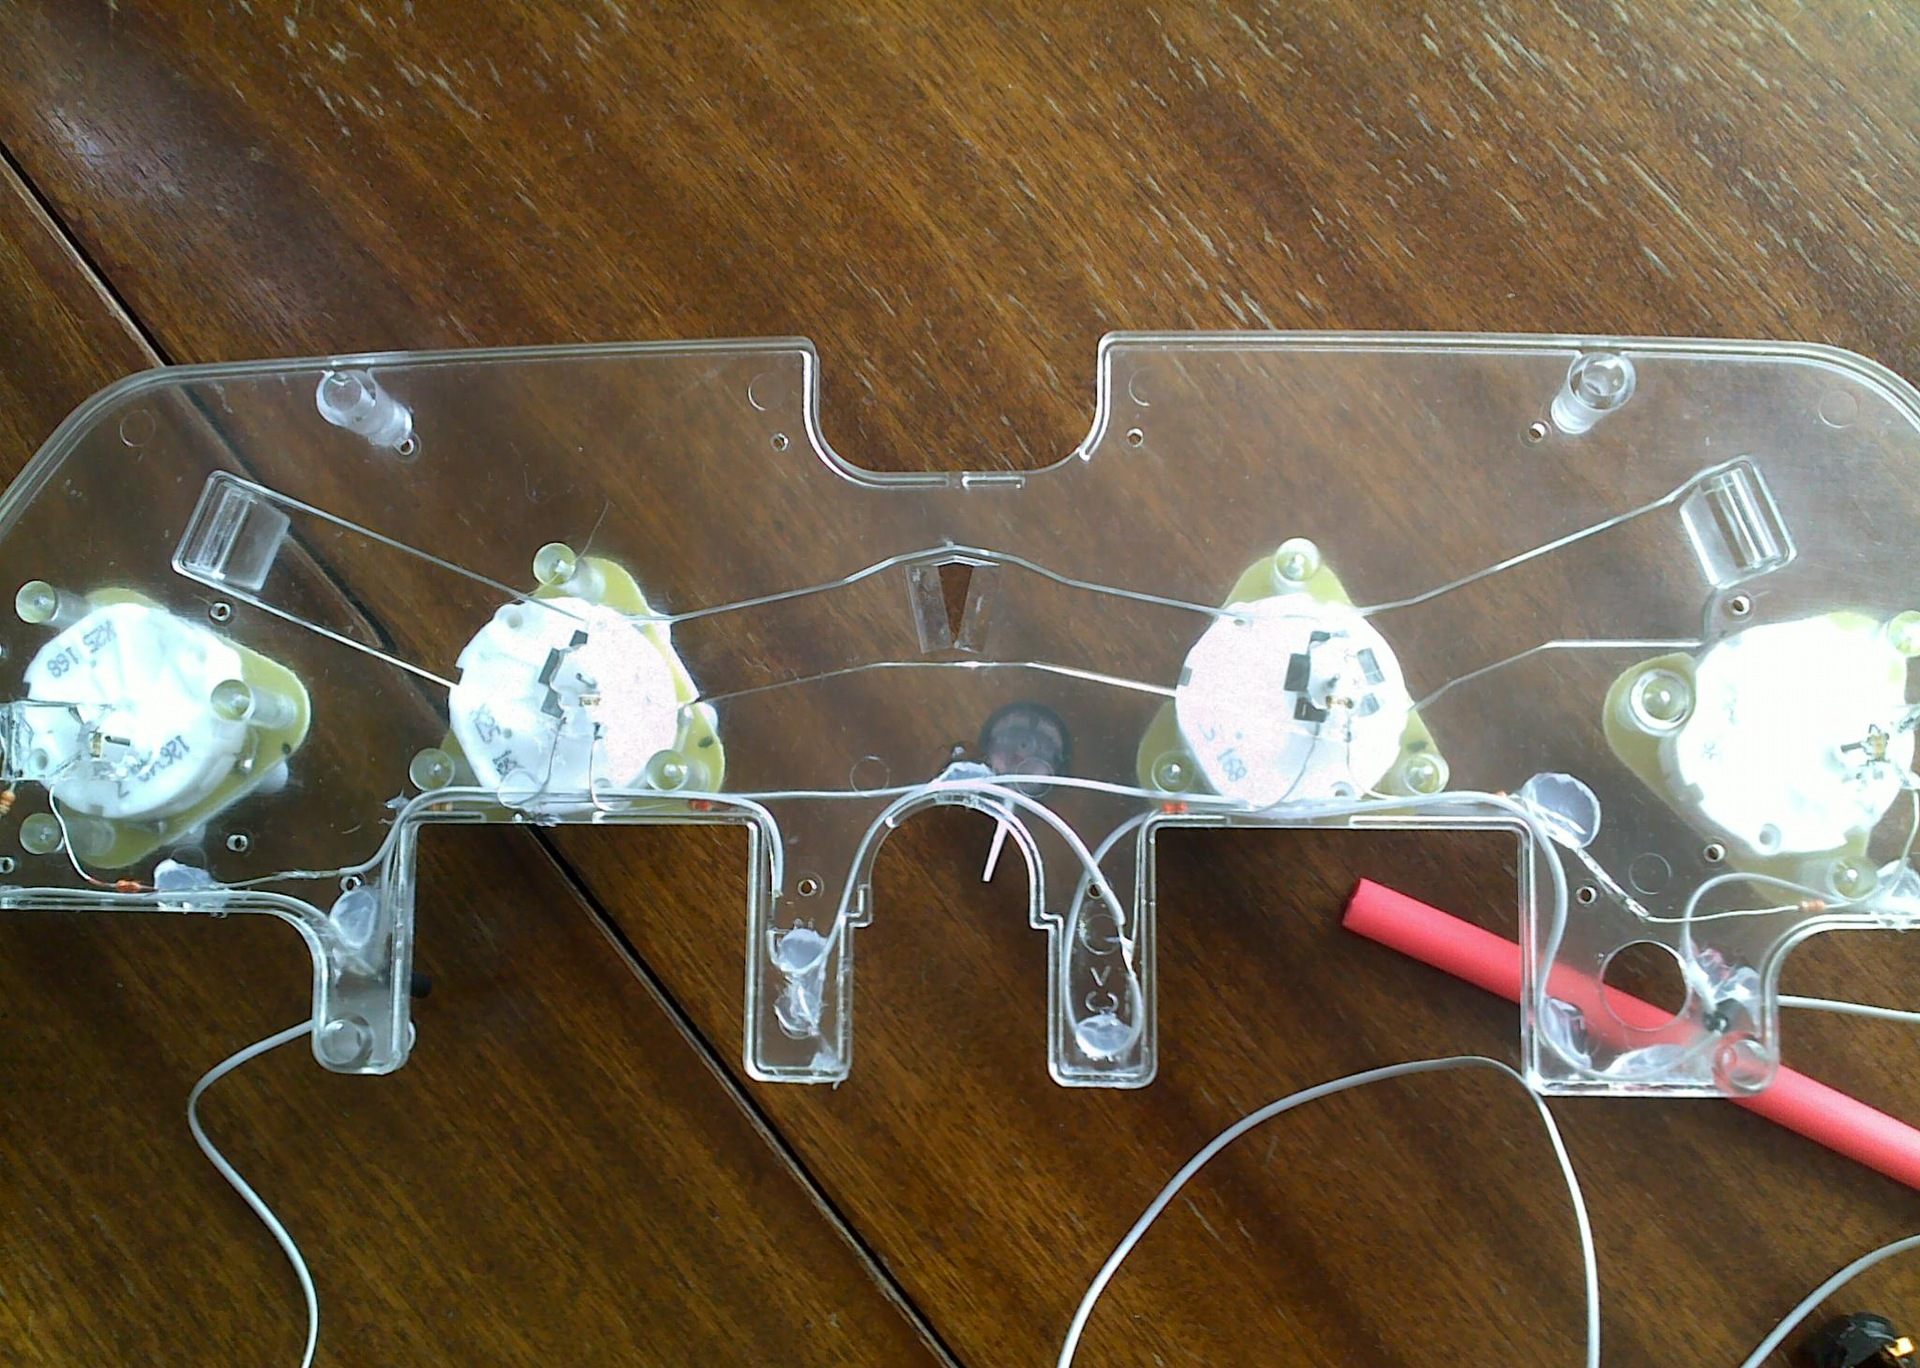 тюнинг приборной панели светодиодами схема